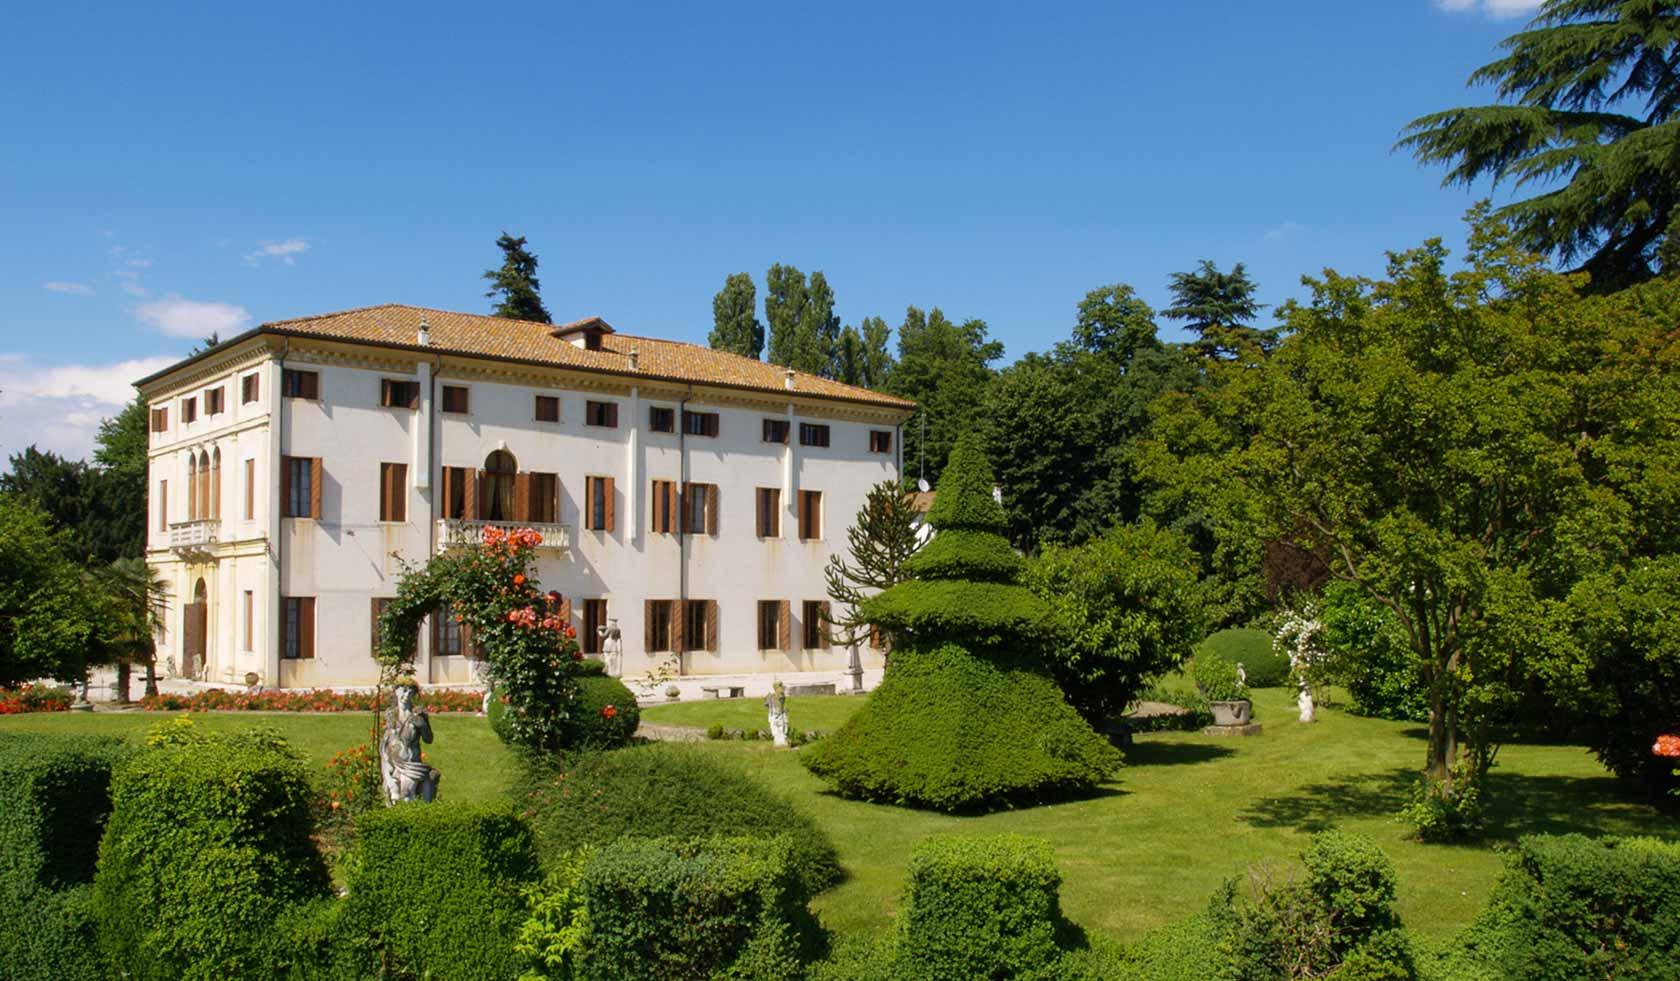 Ristorante Villa Wollemborg_contattati